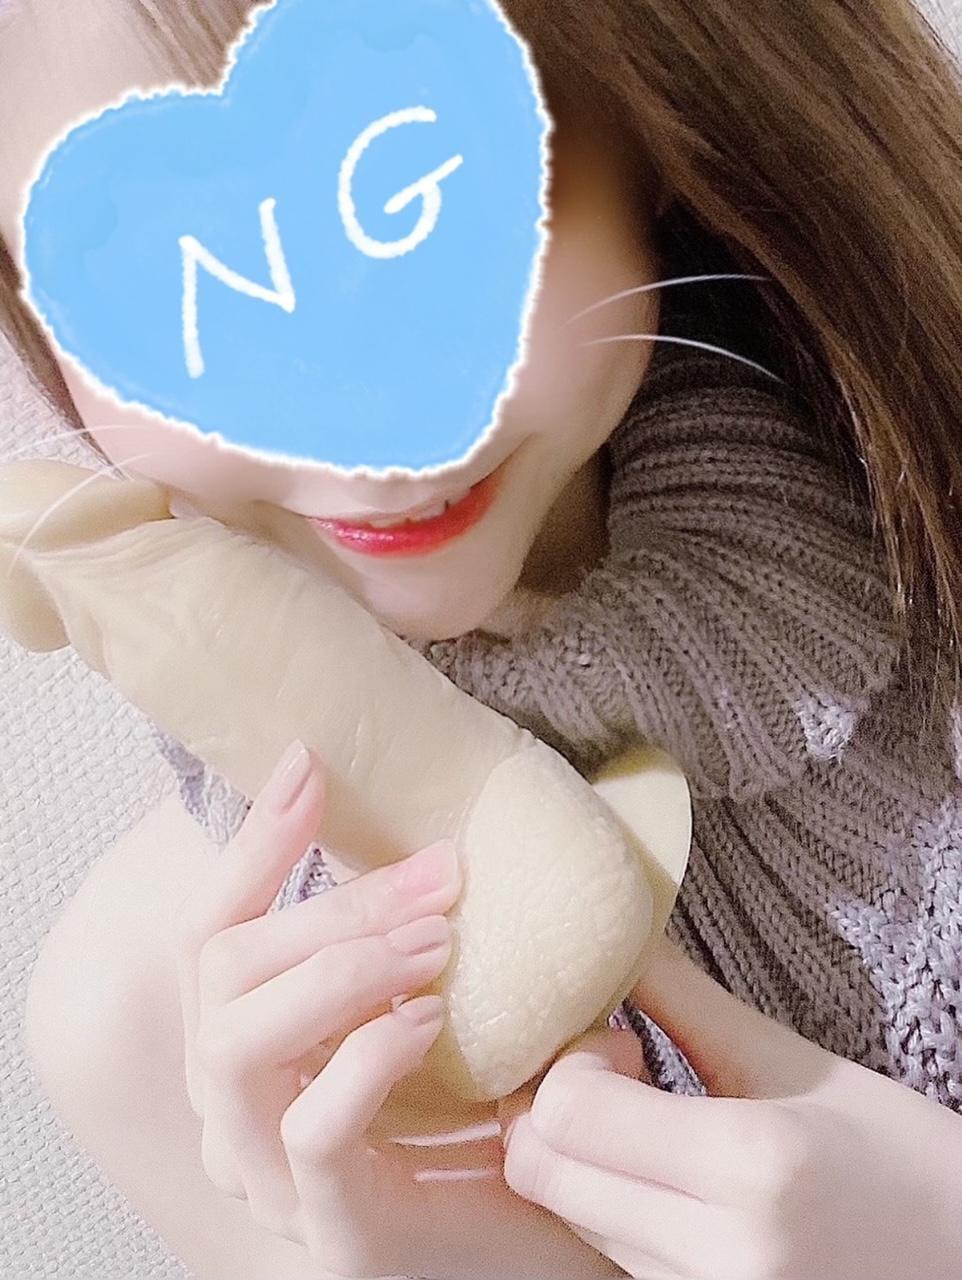 「カワユス〜」02/16(02/16) 23:40 | 希島の写メ・風俗動画